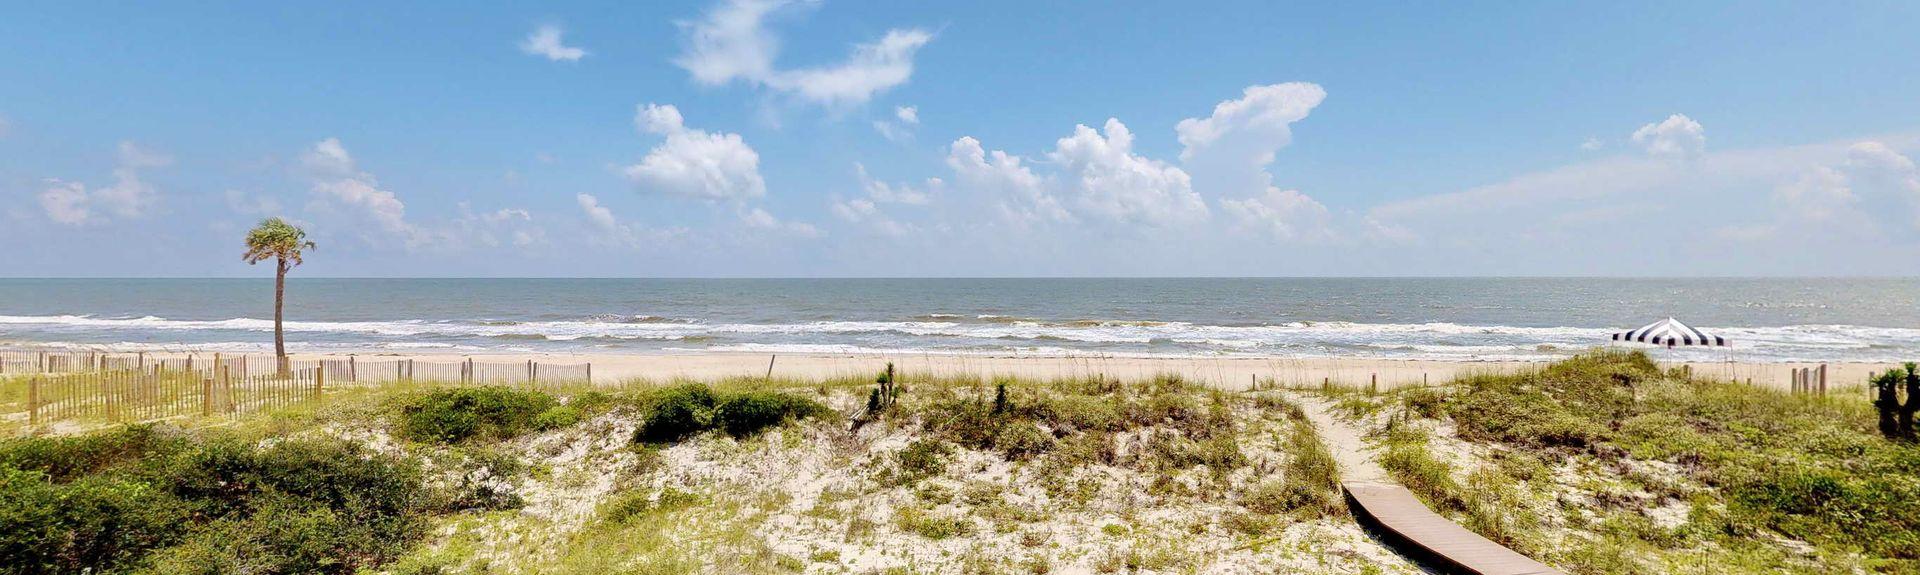 Treasure Beach Village, St. George Island, Floride, États-Unis d'Amérique